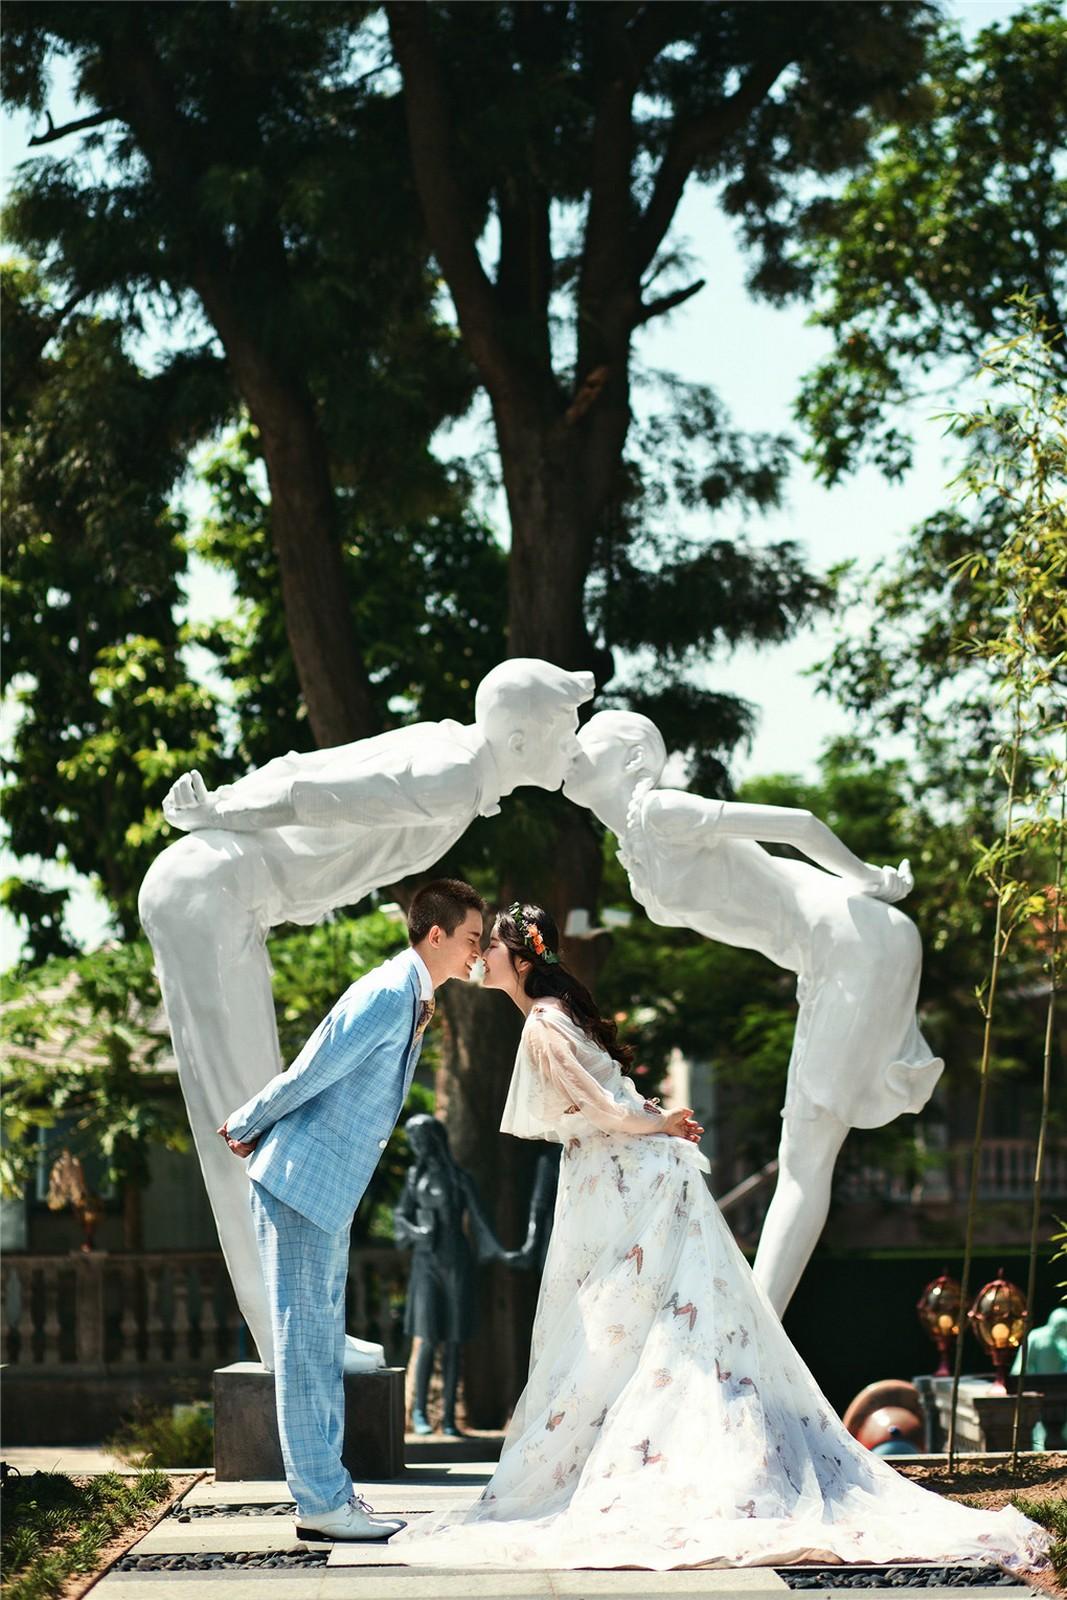 海外婚紗,大陸拍婚出國拍婚紗價格,海外婚紗自己拍,國外自助婚紗,鼓浪嶼婚紗紗,海外婚紗推薦,鼓浪嶼婚紗